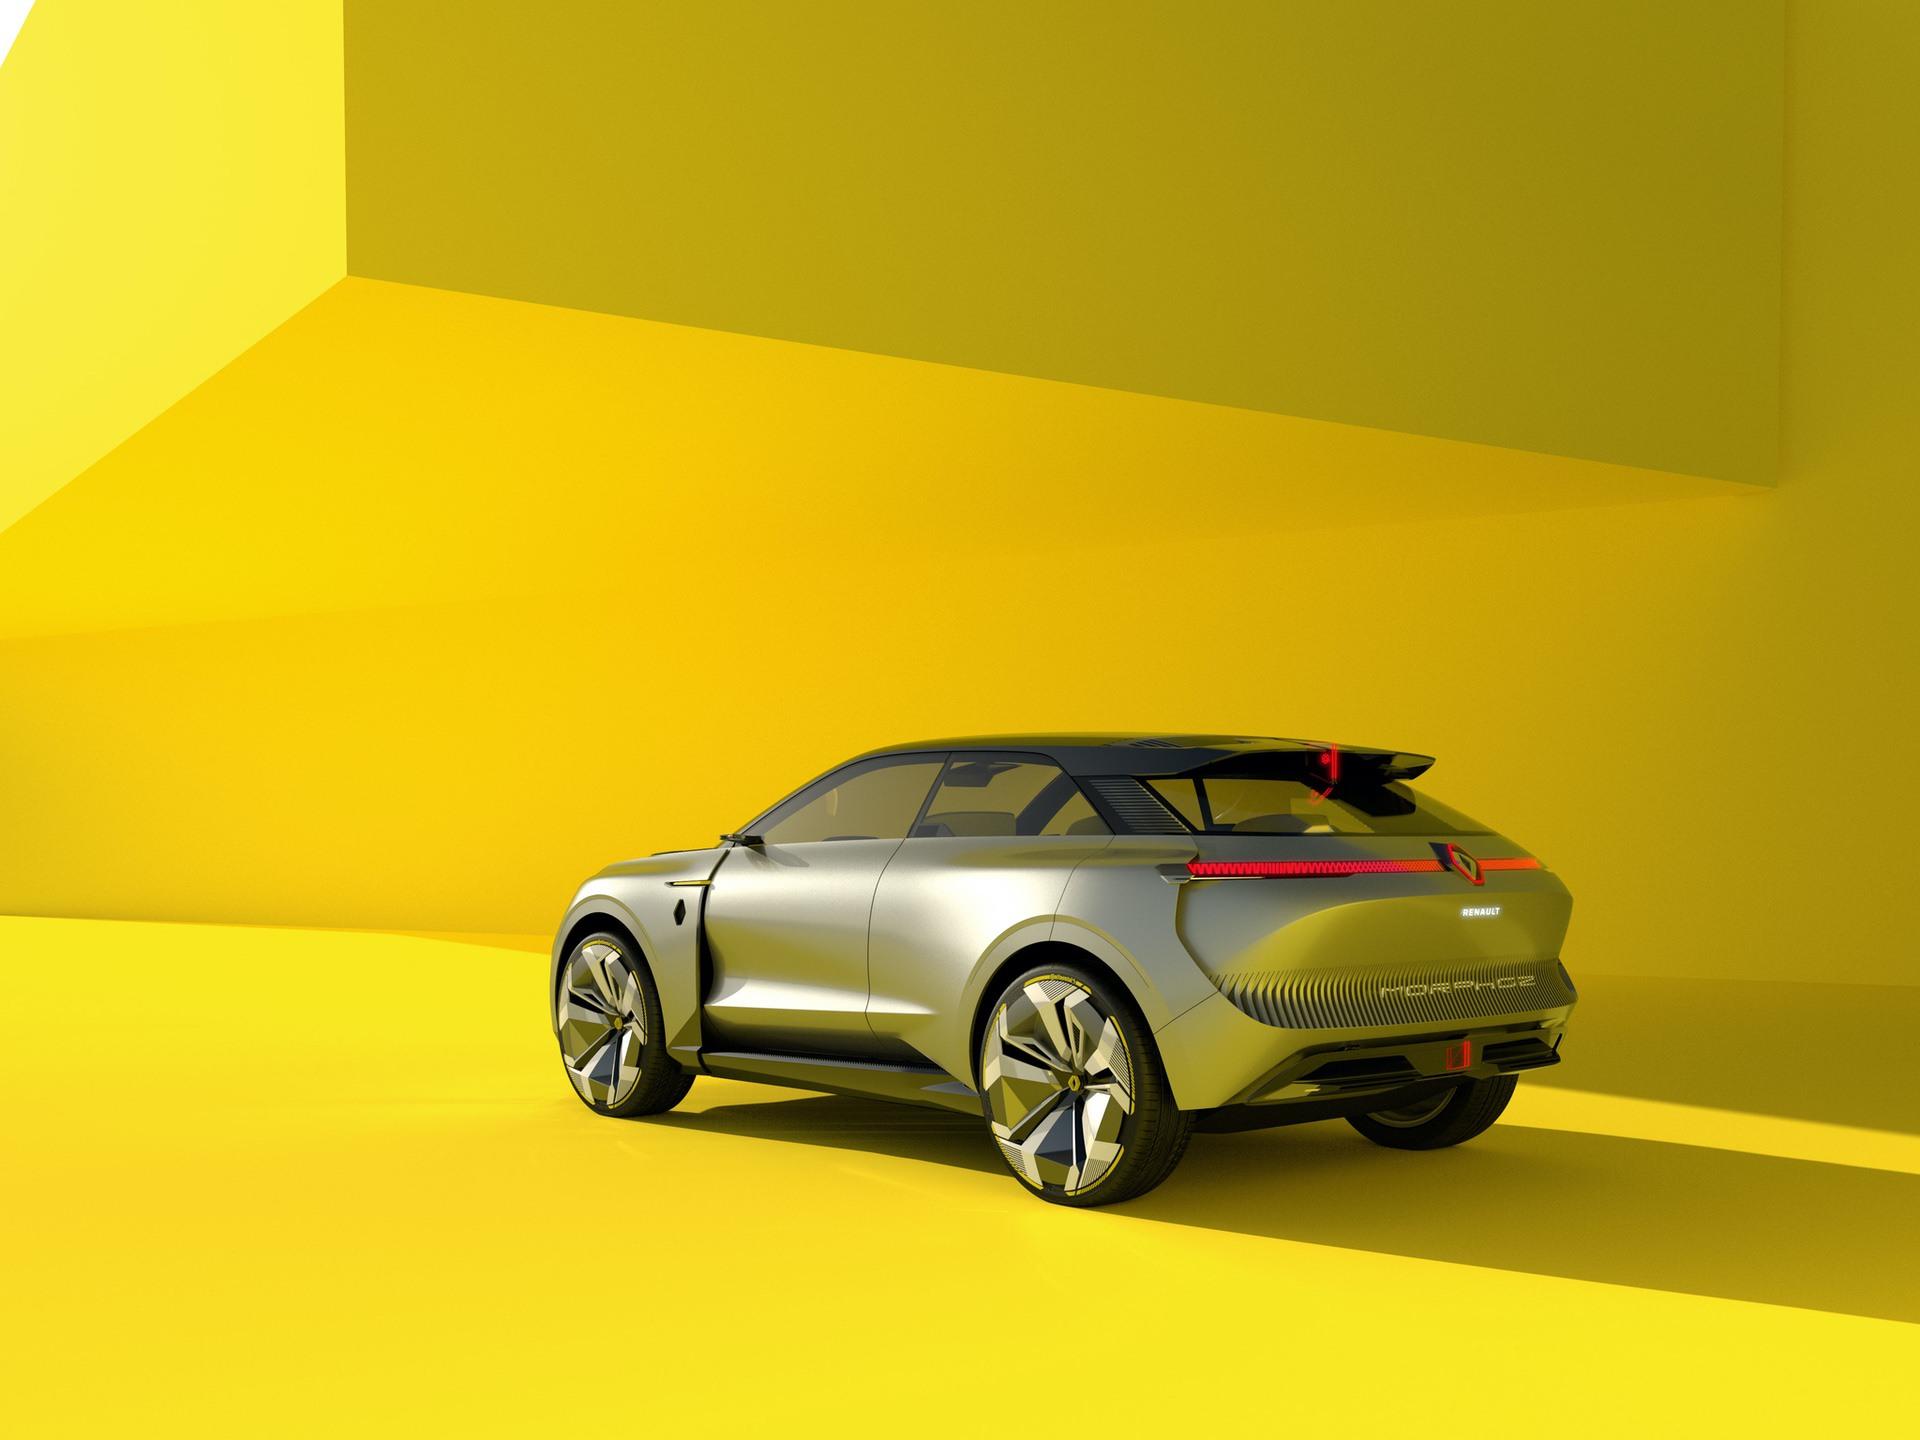 Renault_Morphoz_concept_0006